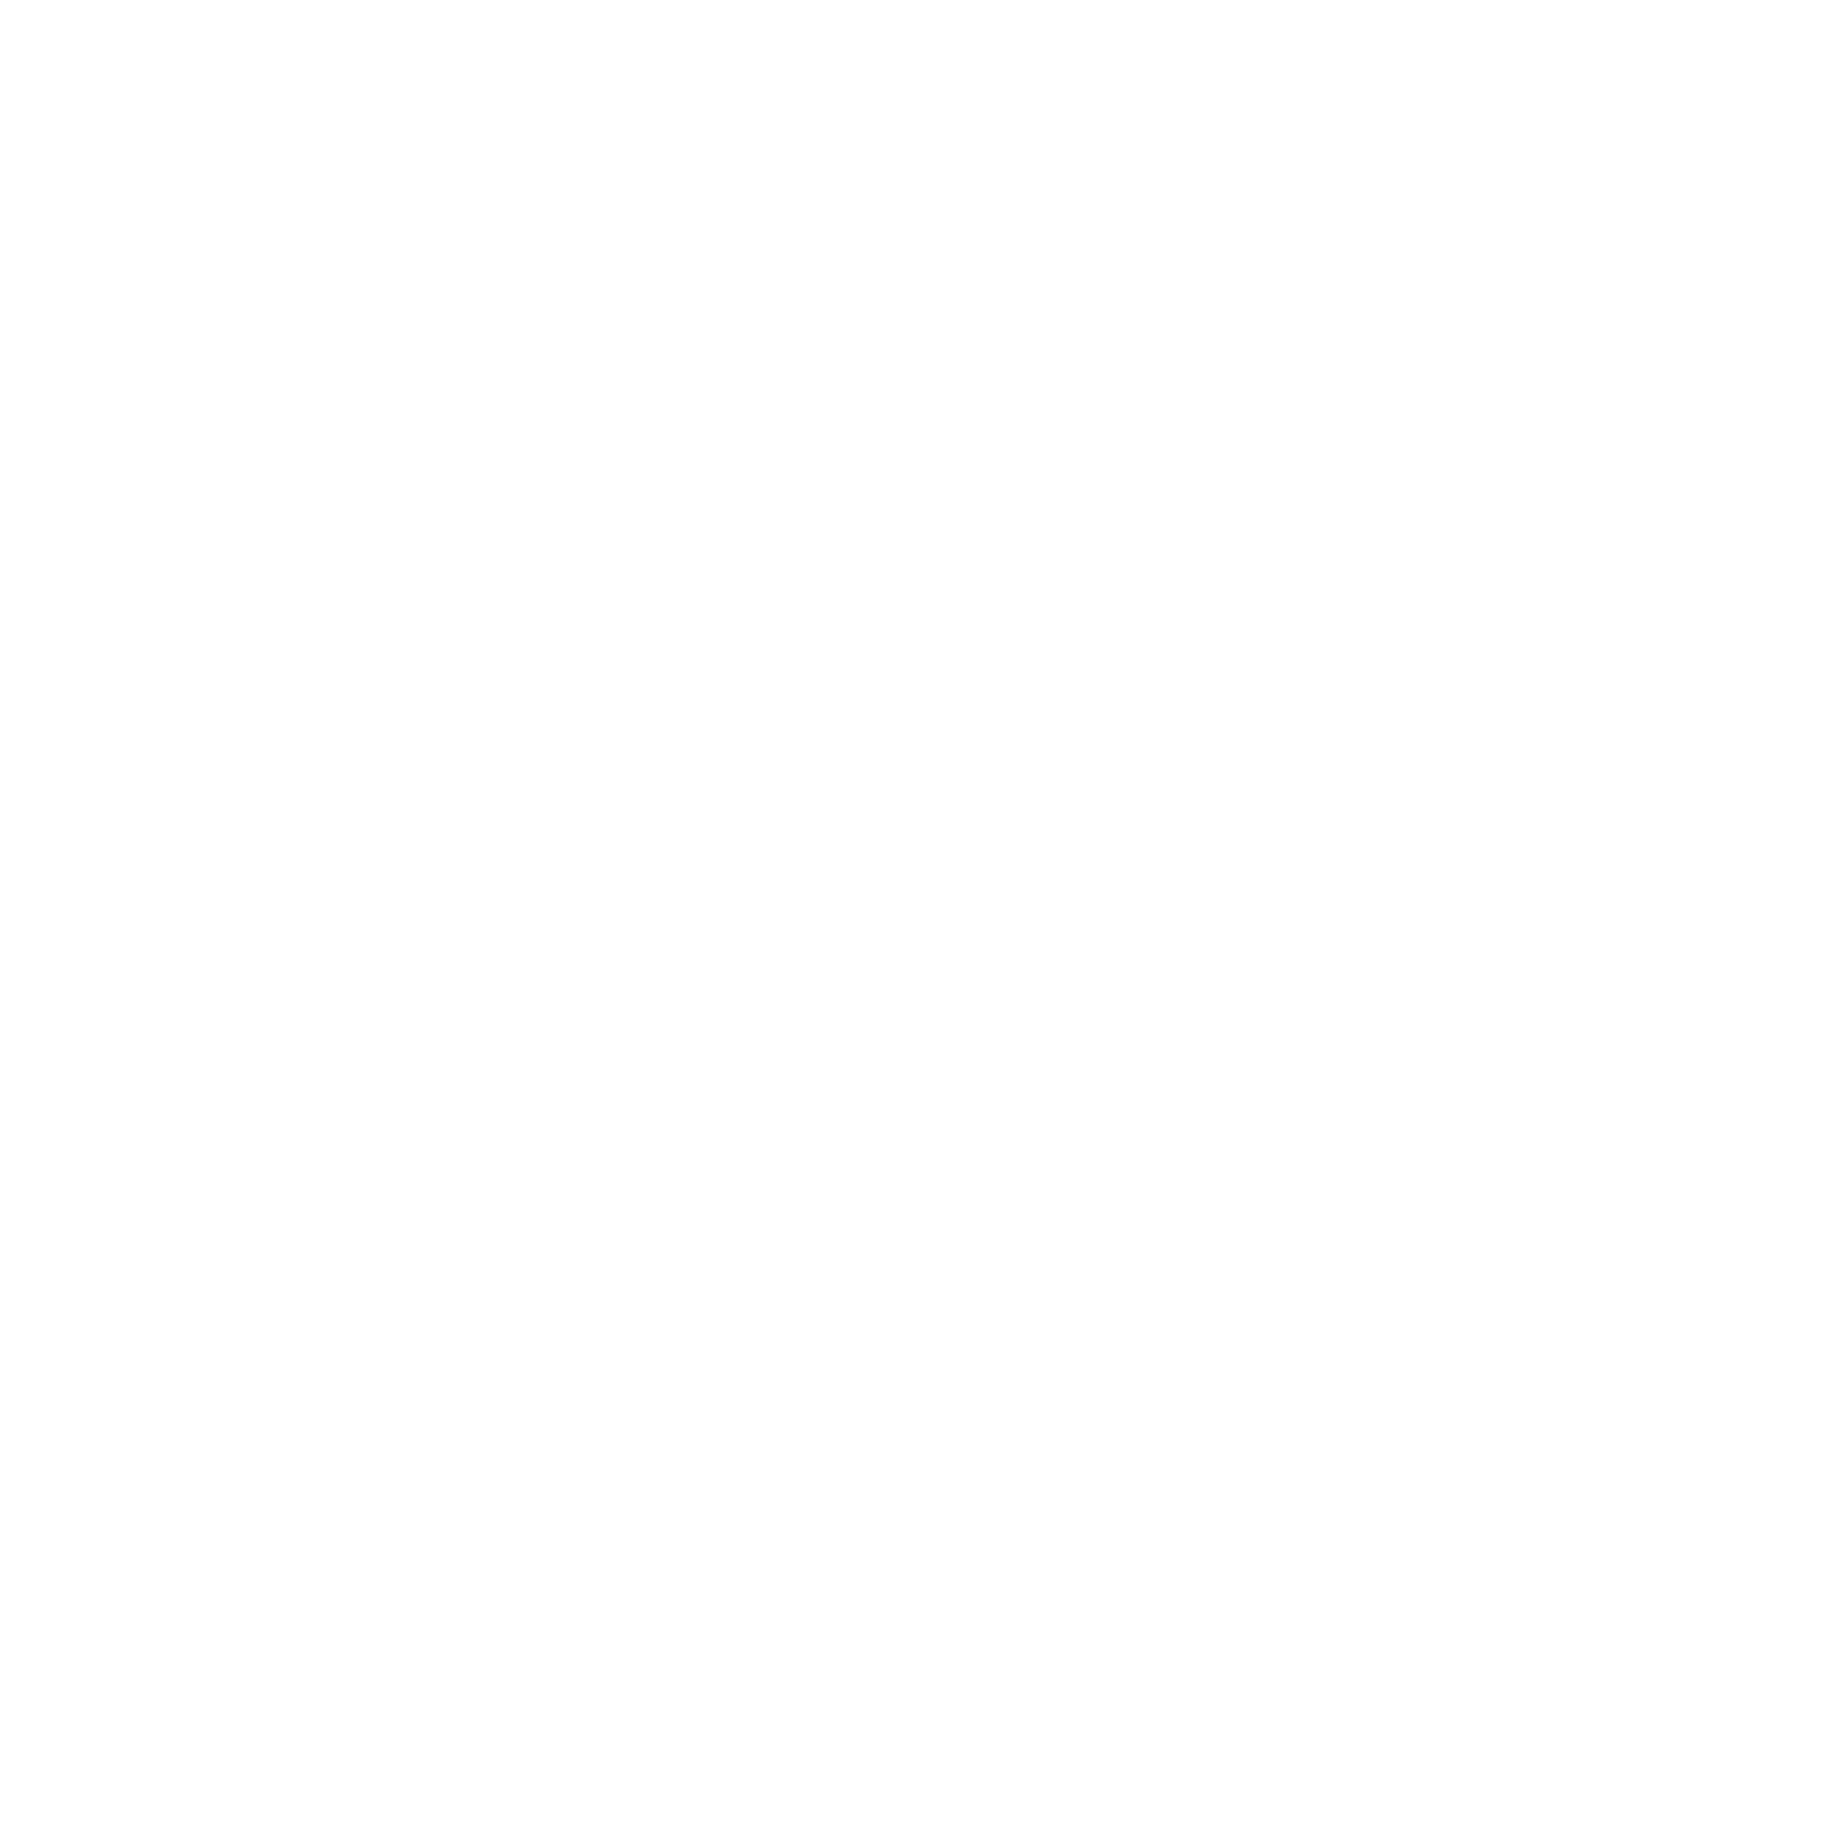 The Mpc Box